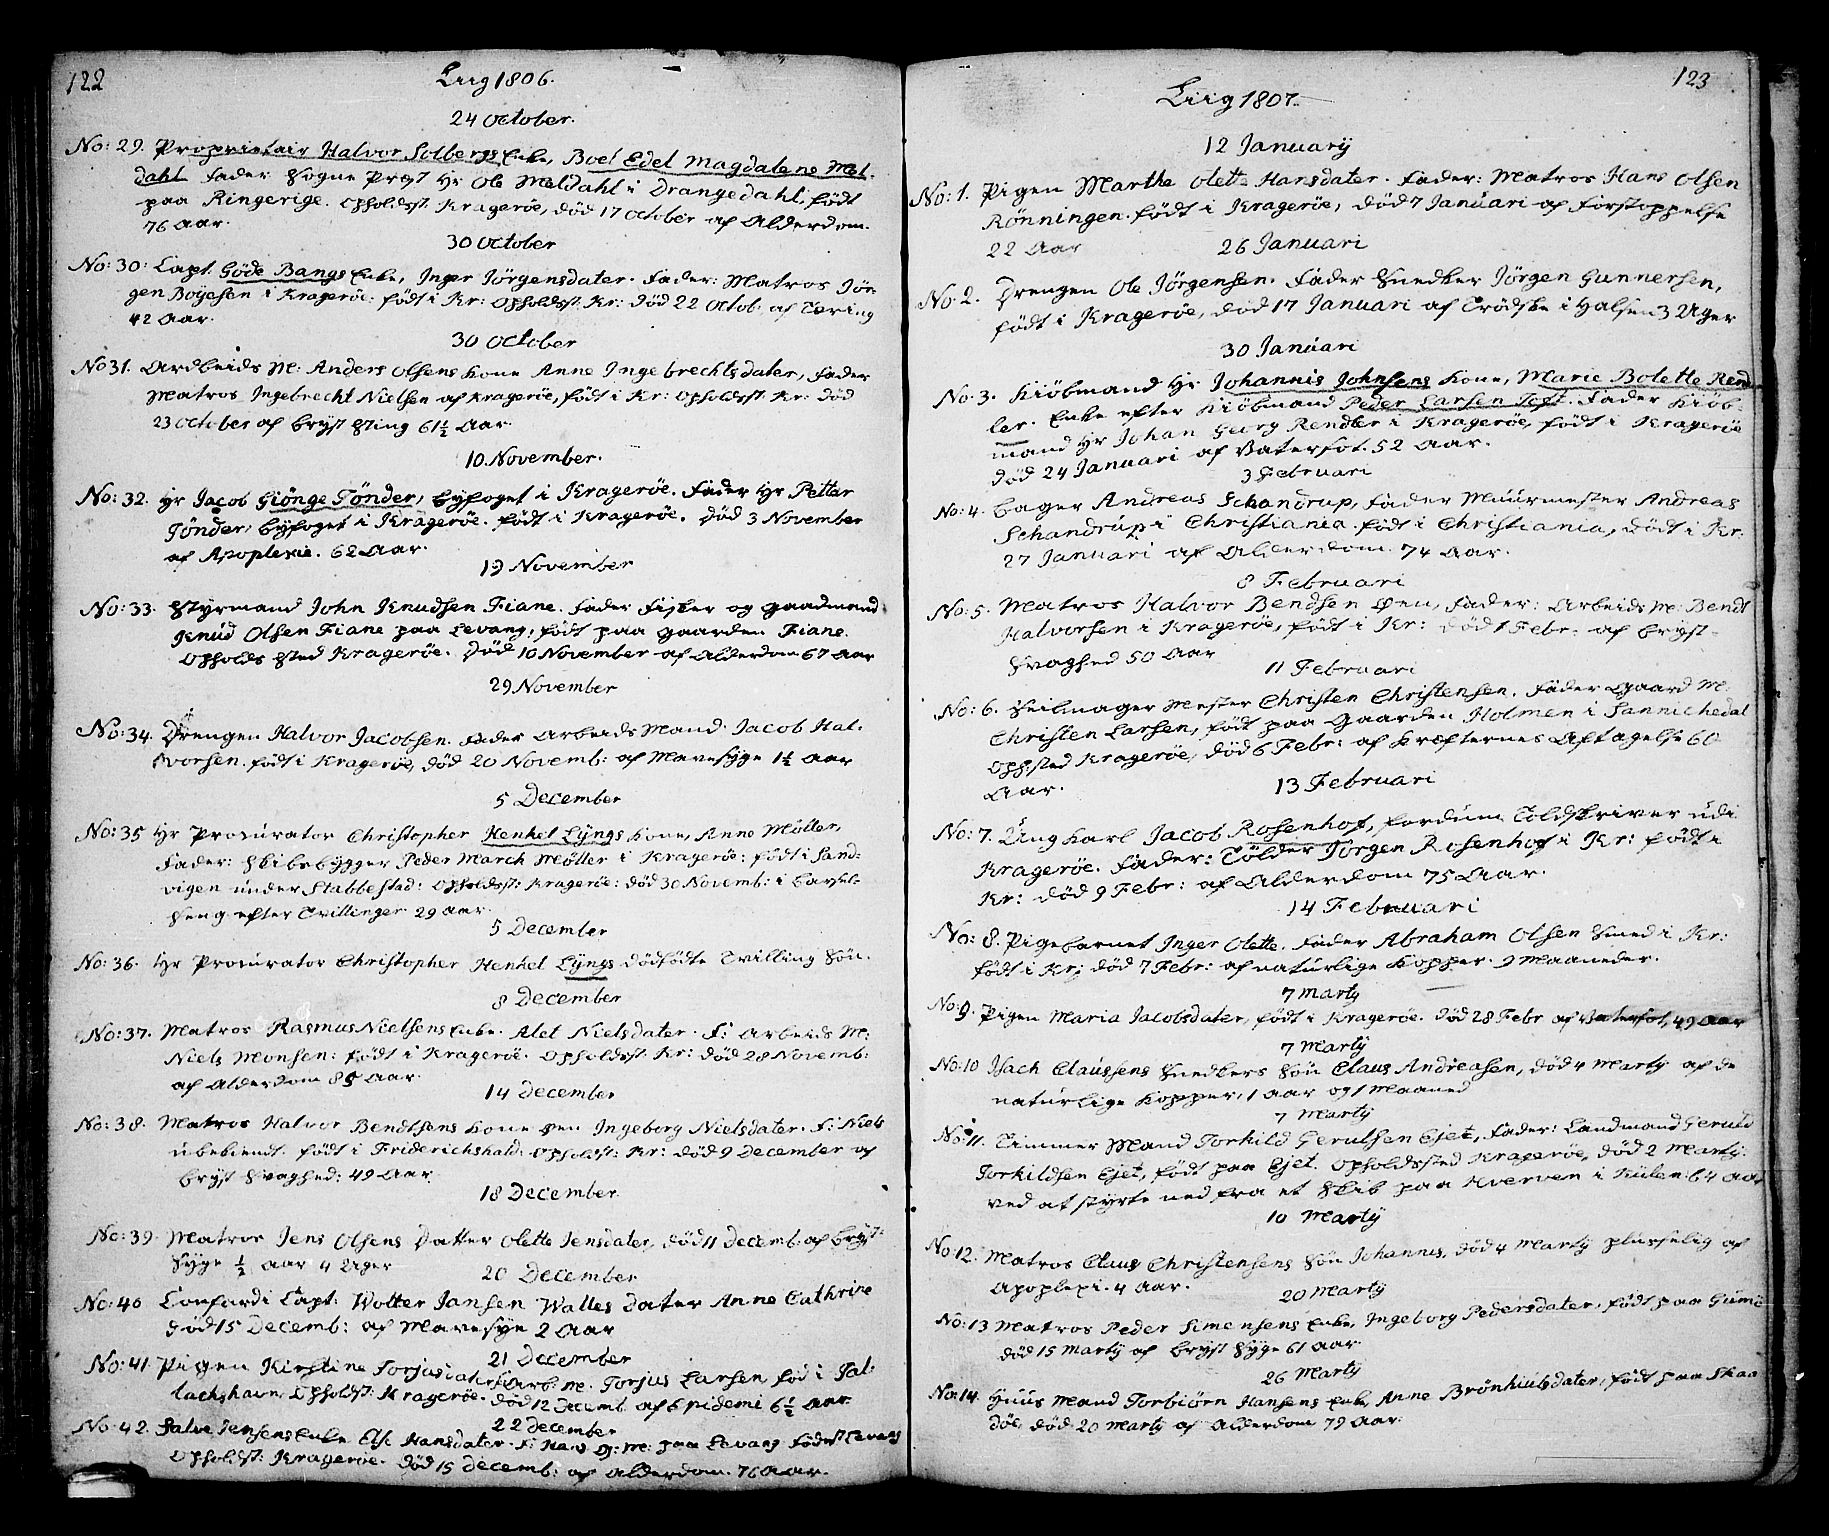 SAKO, Kragerø kirkebøker, G/Ga/L0001: Klokkerbok nr. 1 /1, 1806-1811, s. 122-123